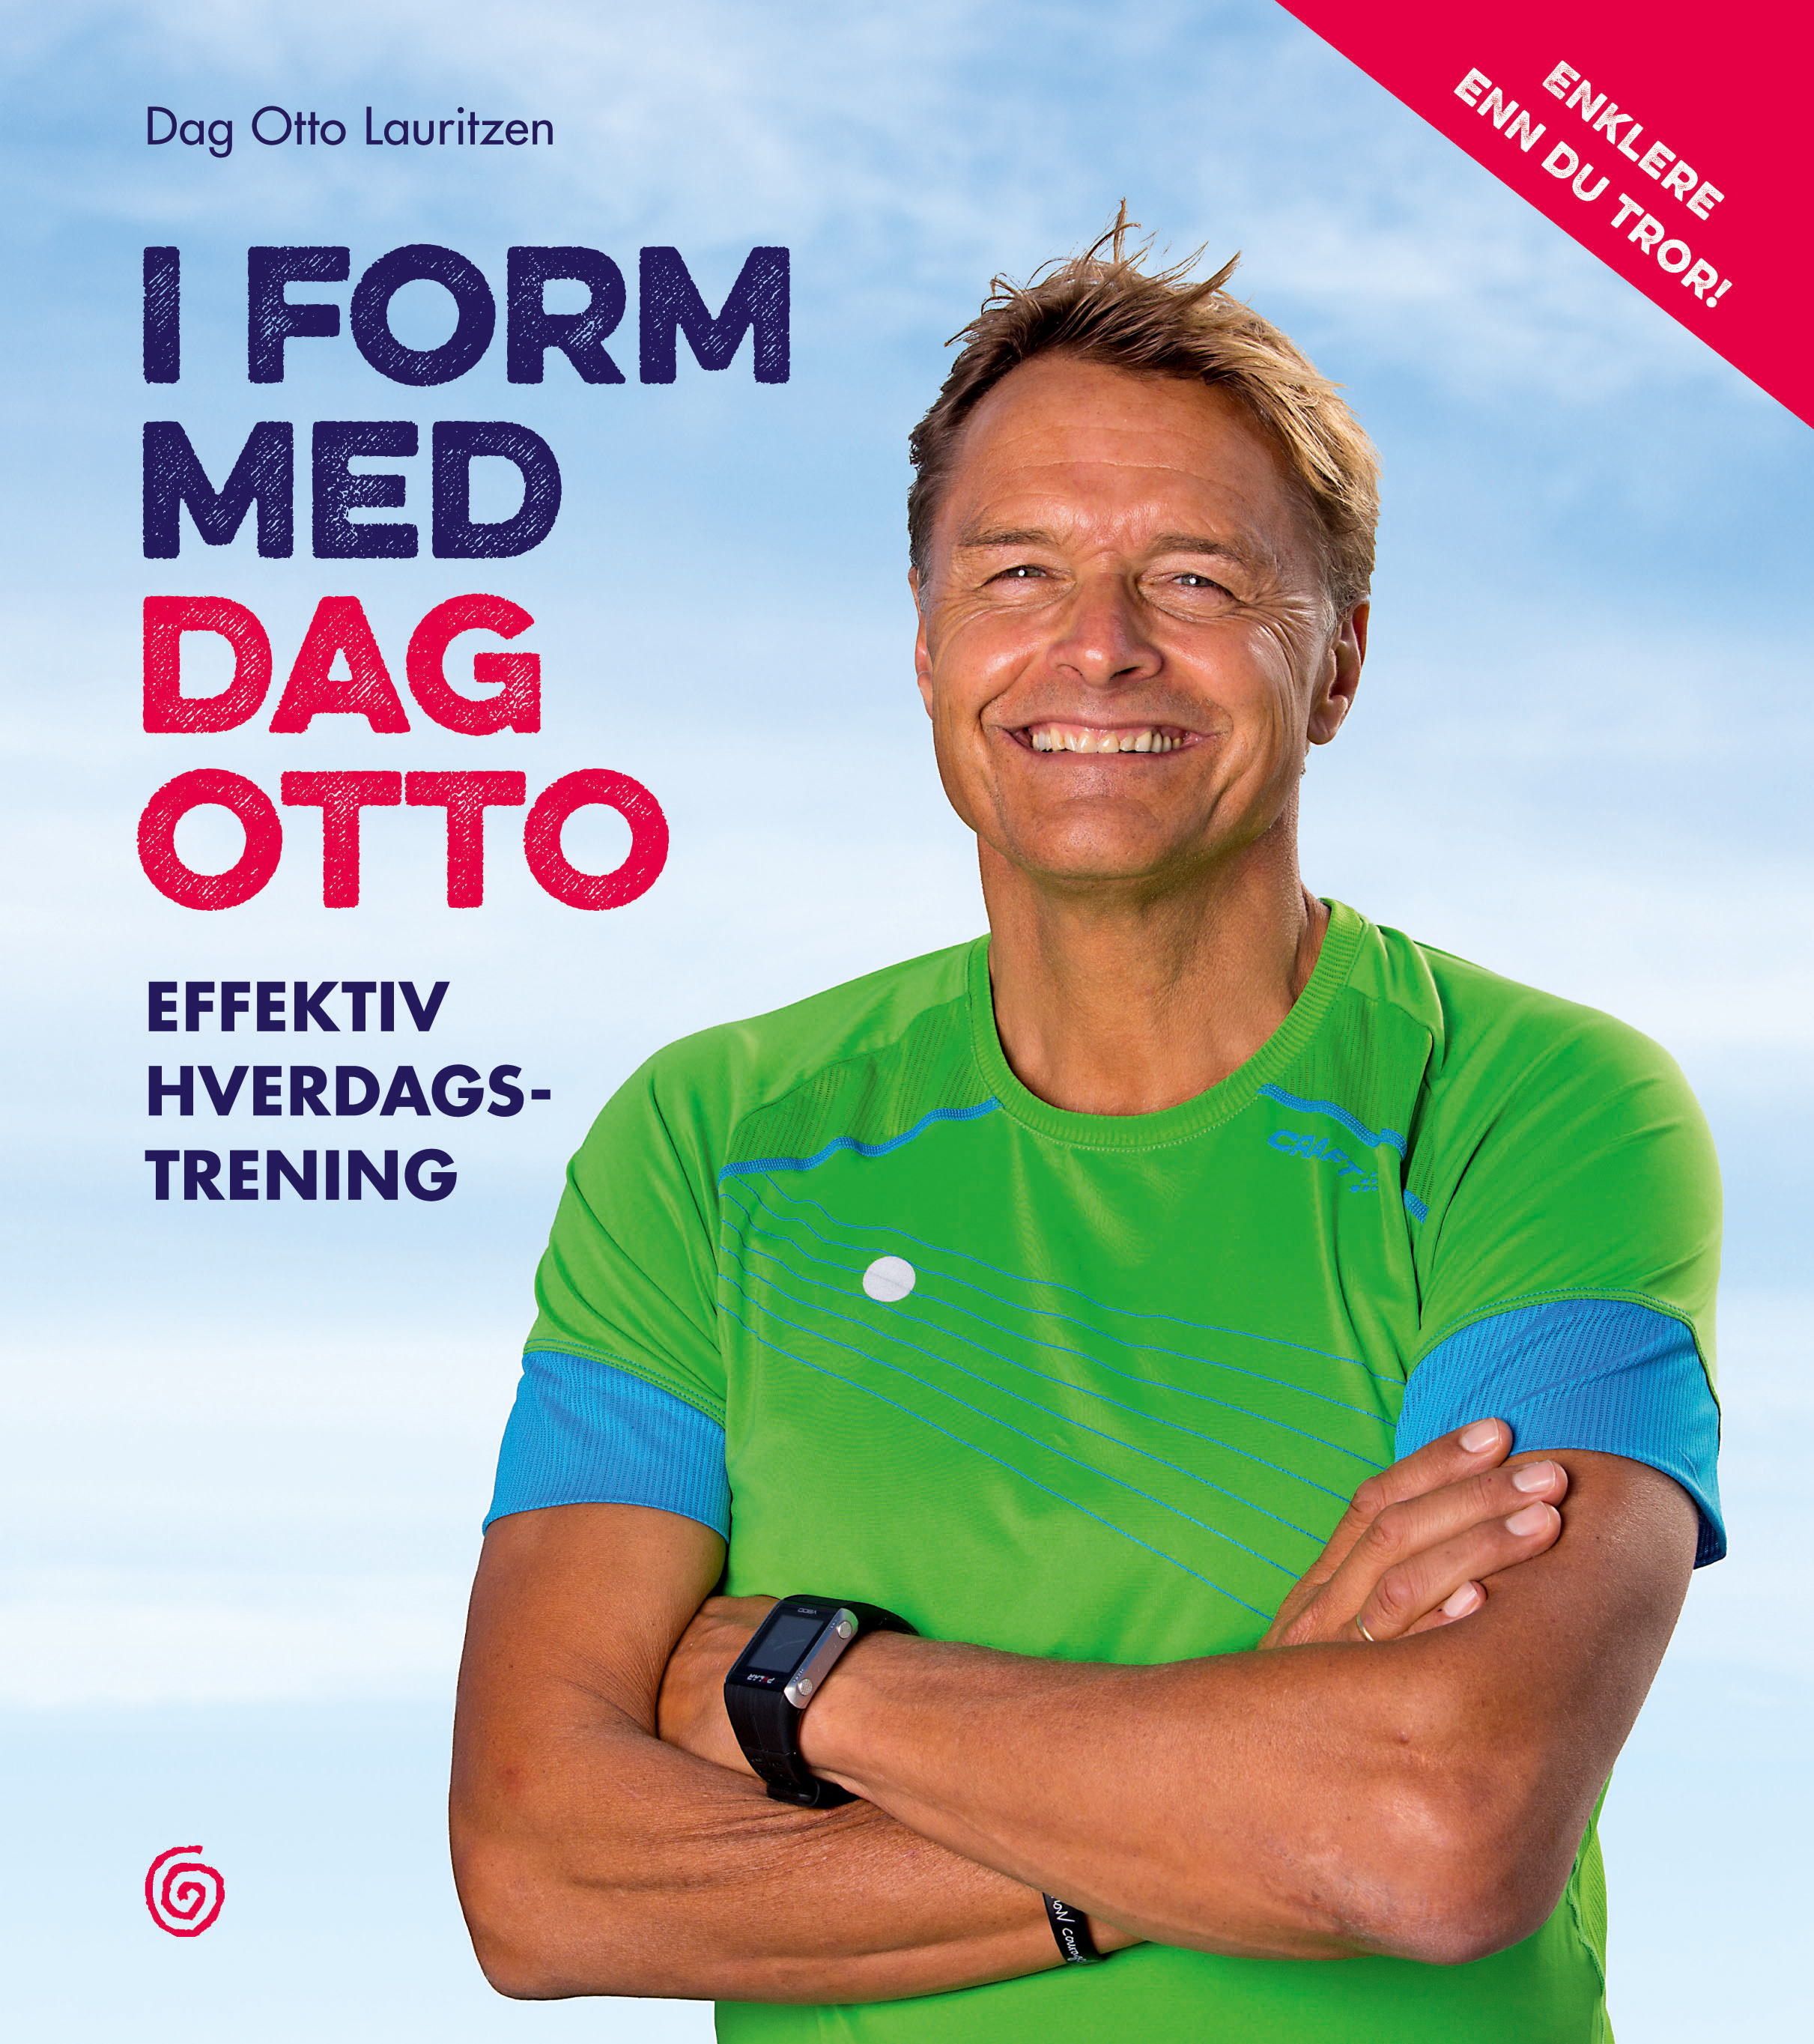 Kom i form - effektiv hverdagstrening (Kagge Forlag 2015)